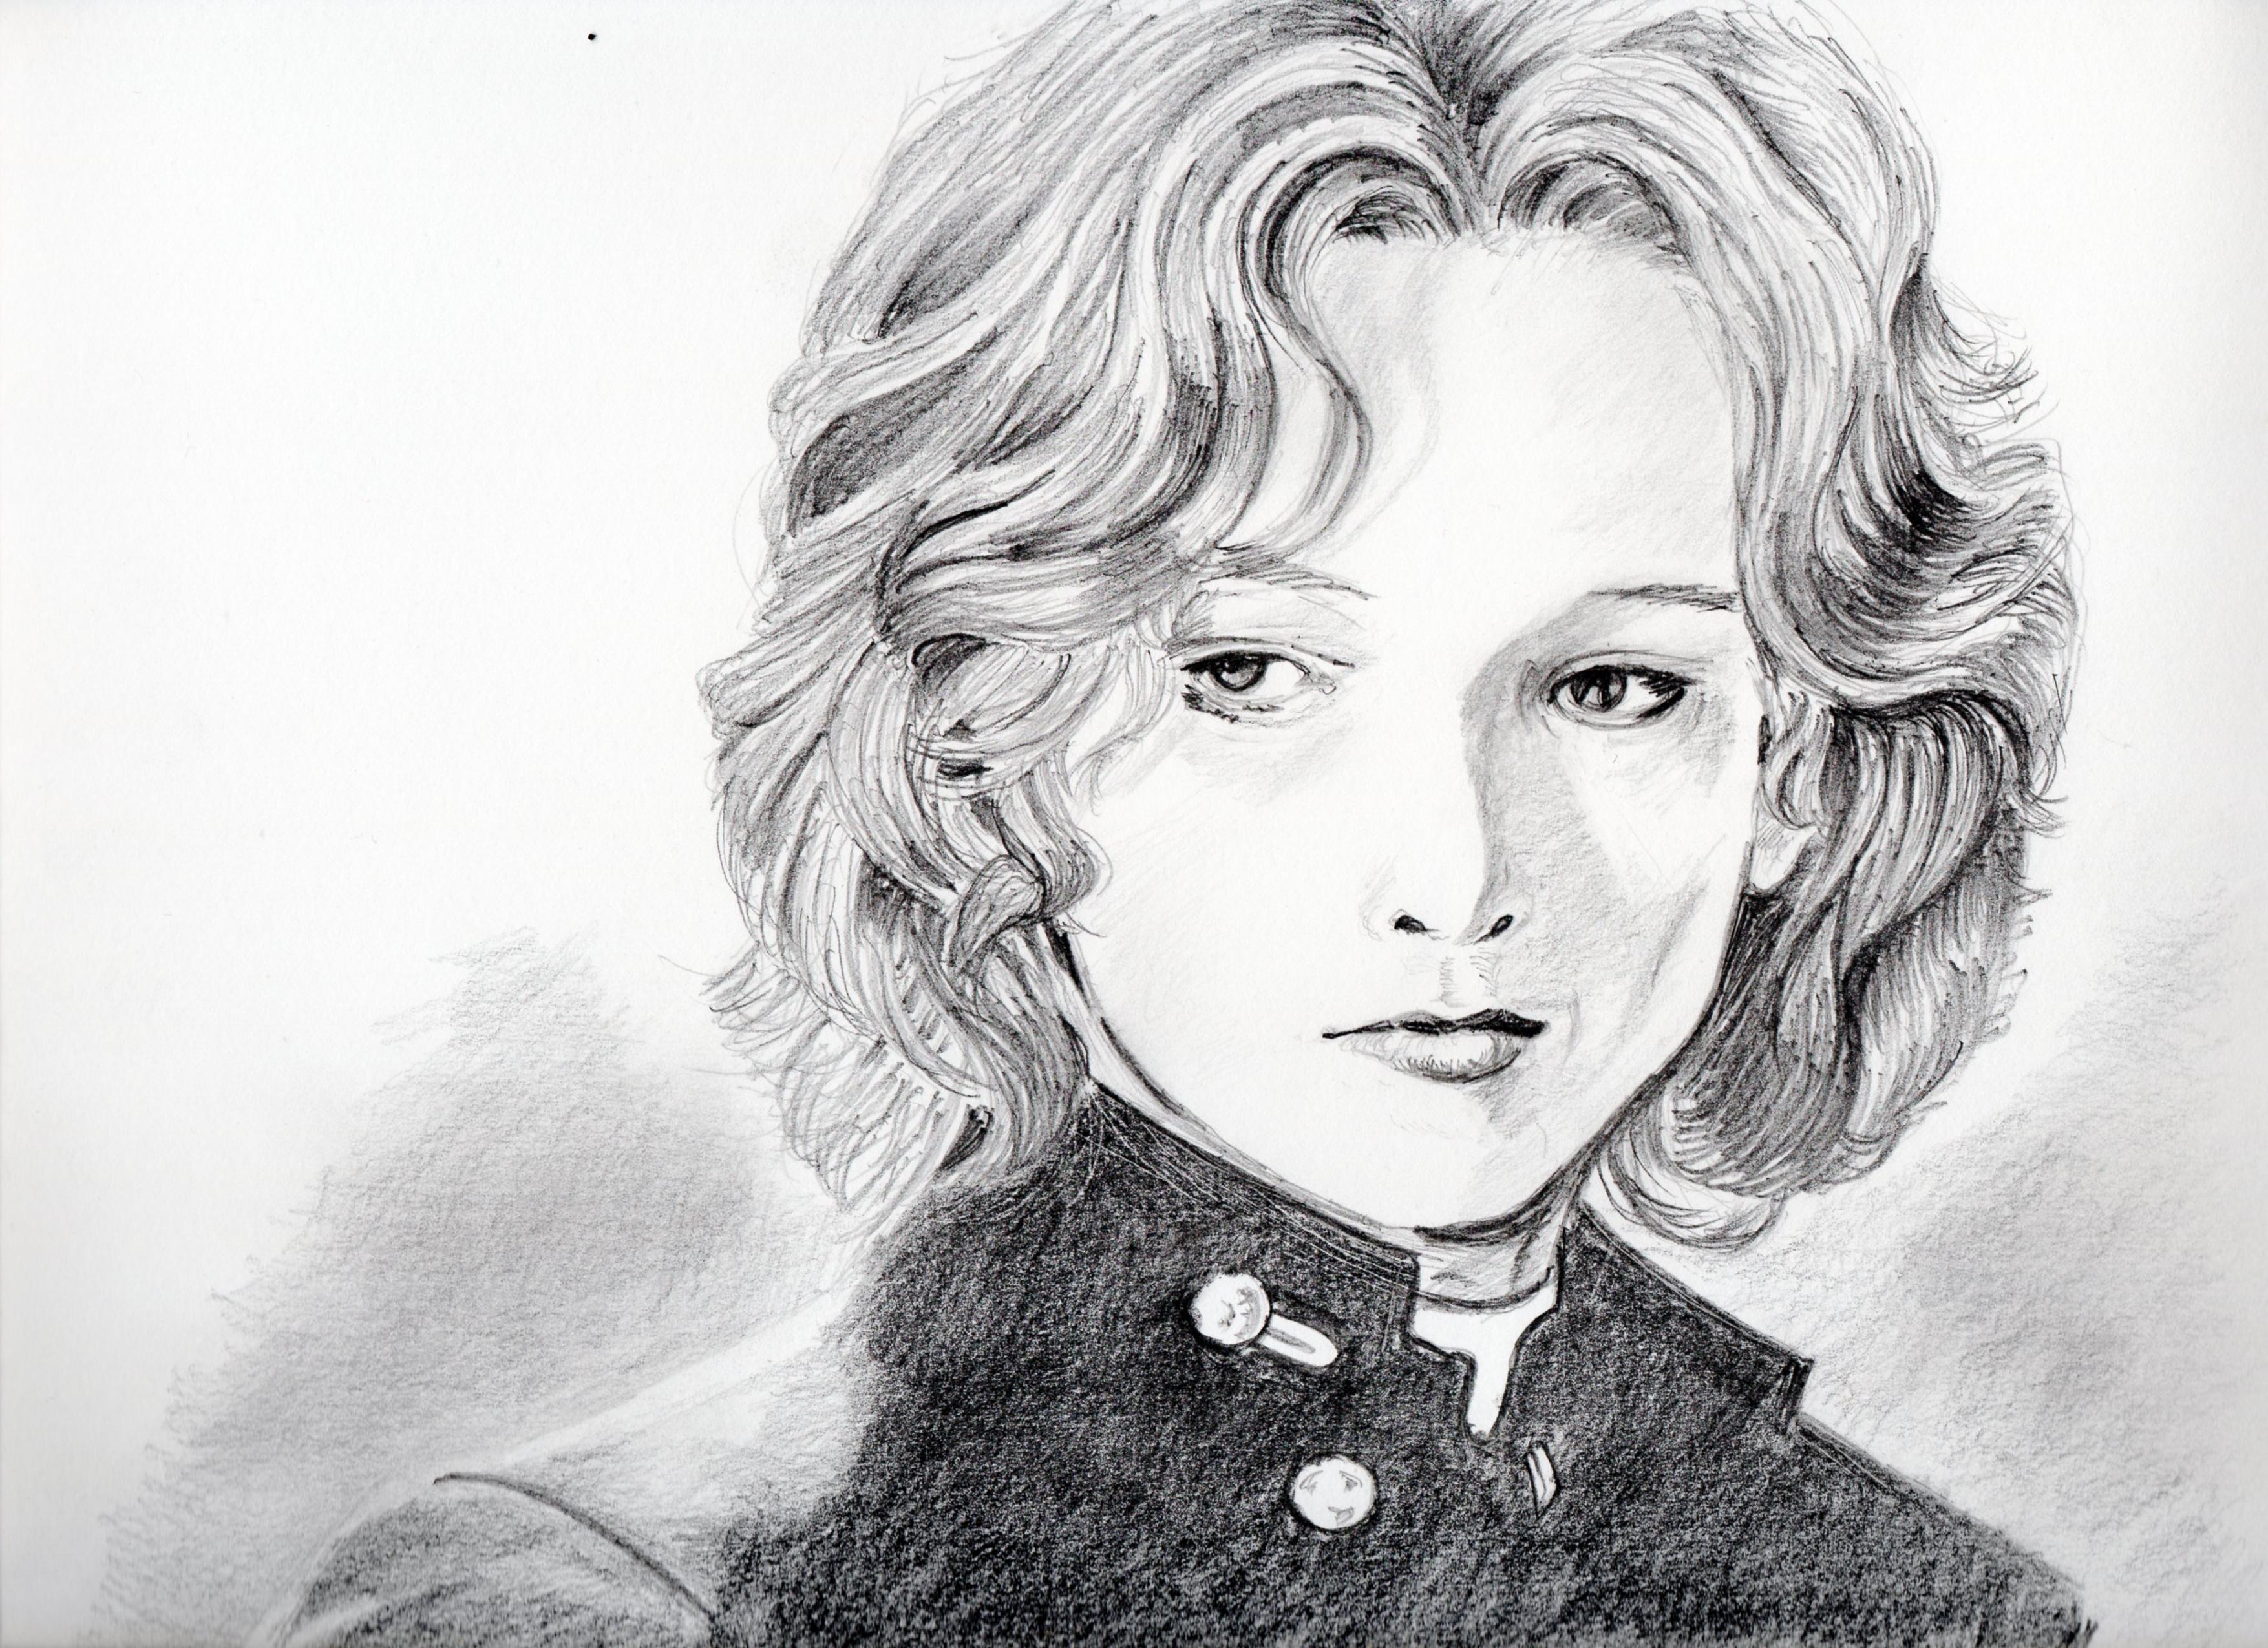 ビョルン・アンドレセンの鉛筆画、ビョルン・アンドレセンのリアル似顔絵、